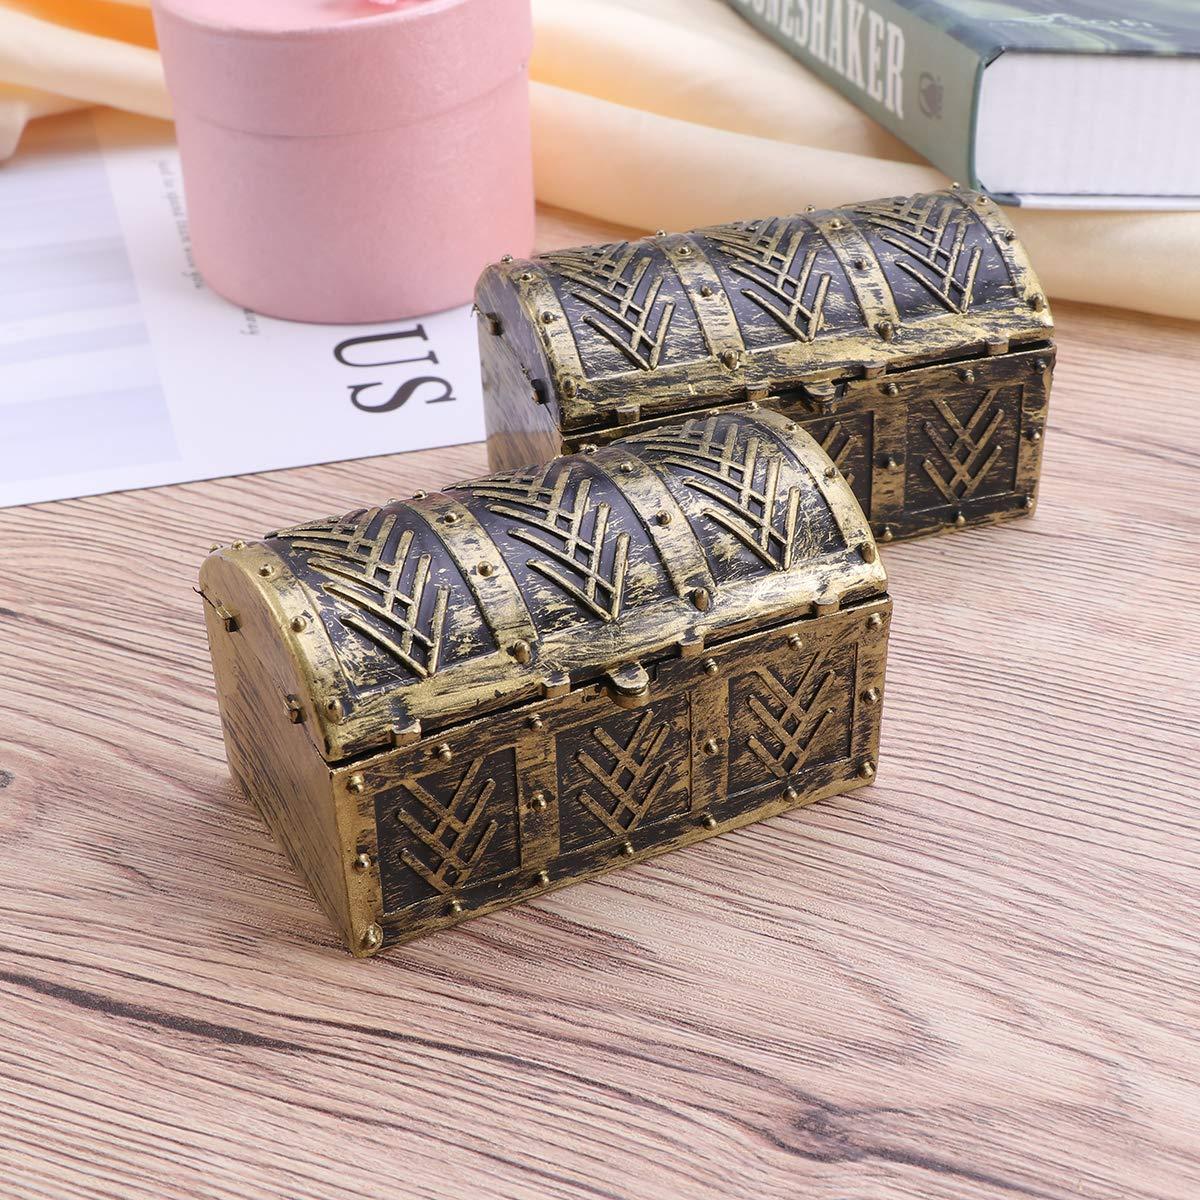 STOBOK Caja Cofre del Tesoro Pirata Caja de joyer/ía de la Vendimia Caja de Recuerdo Fiesta de Disfraces Vestido de Disfraces para ni/ños Ni/ños 10 pcs